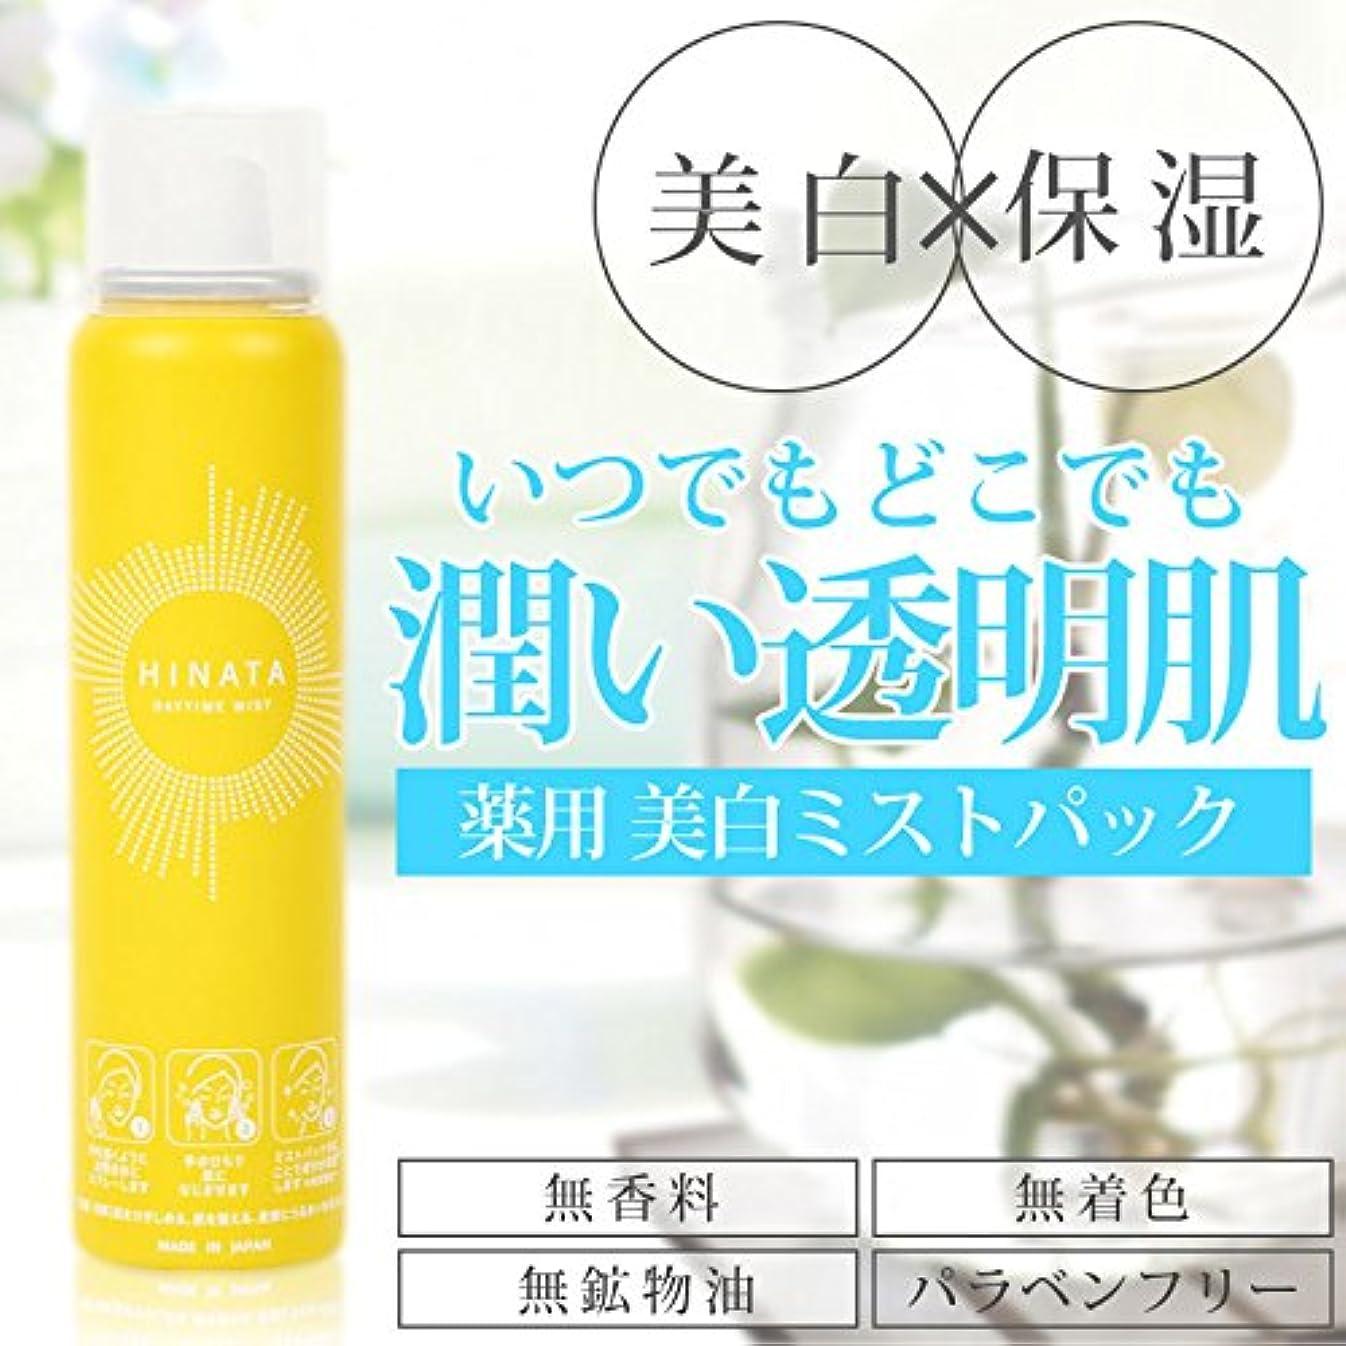 非難倍率ペインギリック化粧水 ヒナタ 医薬部外品 ミストパック ミストスプレー 美白